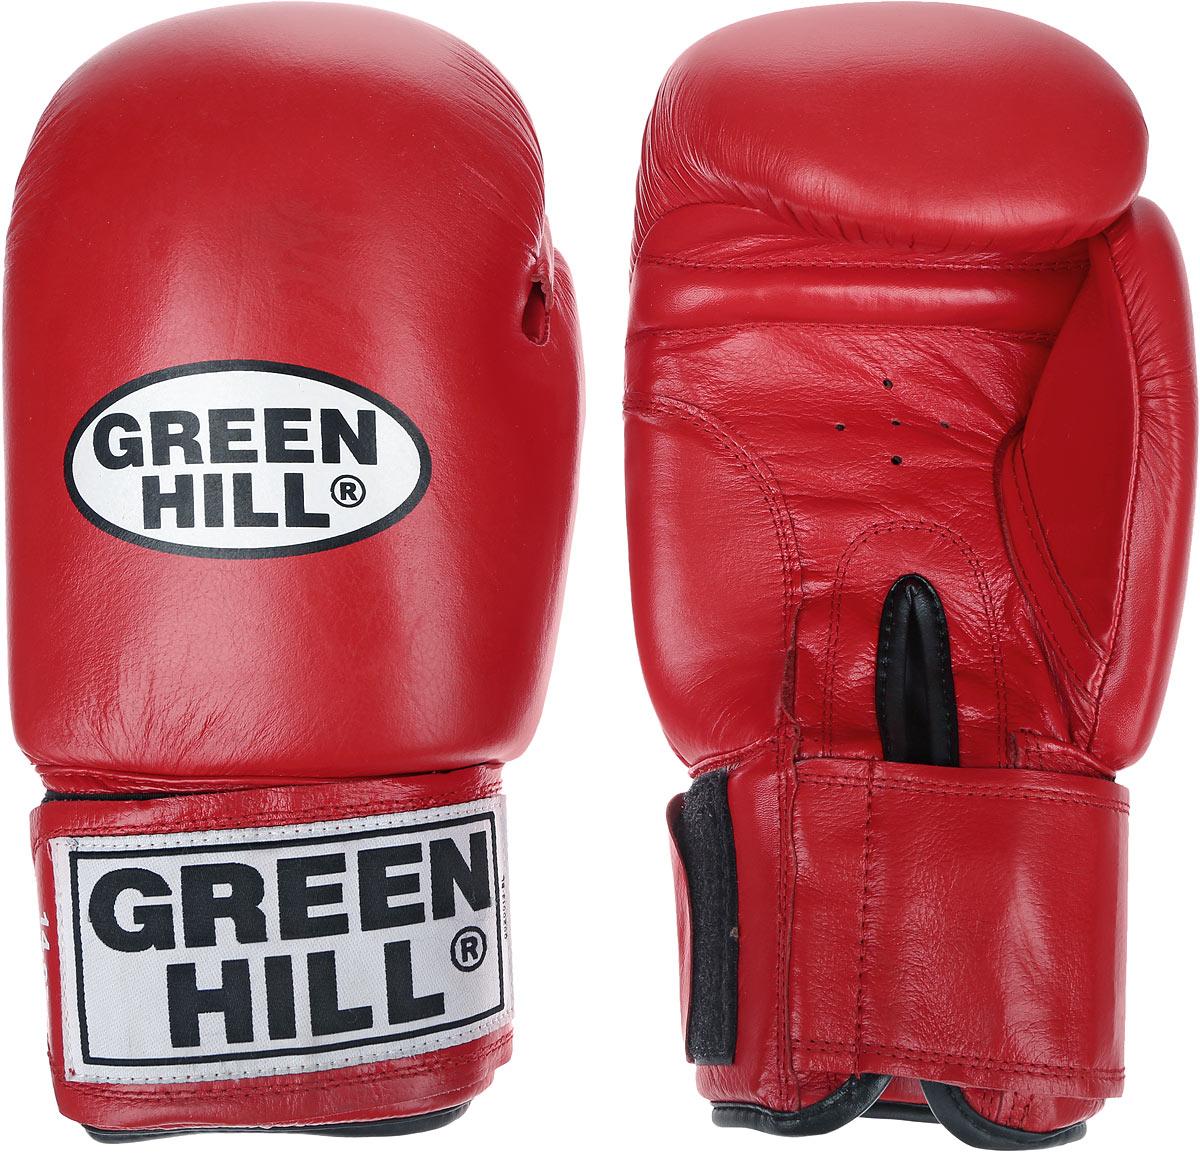 Перчатки боксерские Green Hill Tiger, цвет: красный, белый. Вес 14 унций. BGT-2010сBGS-1213bБоевые боксерские перчатки Green Hill Tiger применяются как для соревнований, так и для тренировок. Верх выполнен из натуральной кожи, вкладыш - предварительно сформированный пенополиуретан. Манжет на липучке способствует быстрому и удобному надеванию перчаток, плотно фиксирует перчатки на руке. Отверстия в области ладони позволяют создать максимально комфортный терморежим во время занятий.В перчатках применяется технология антинокаут.